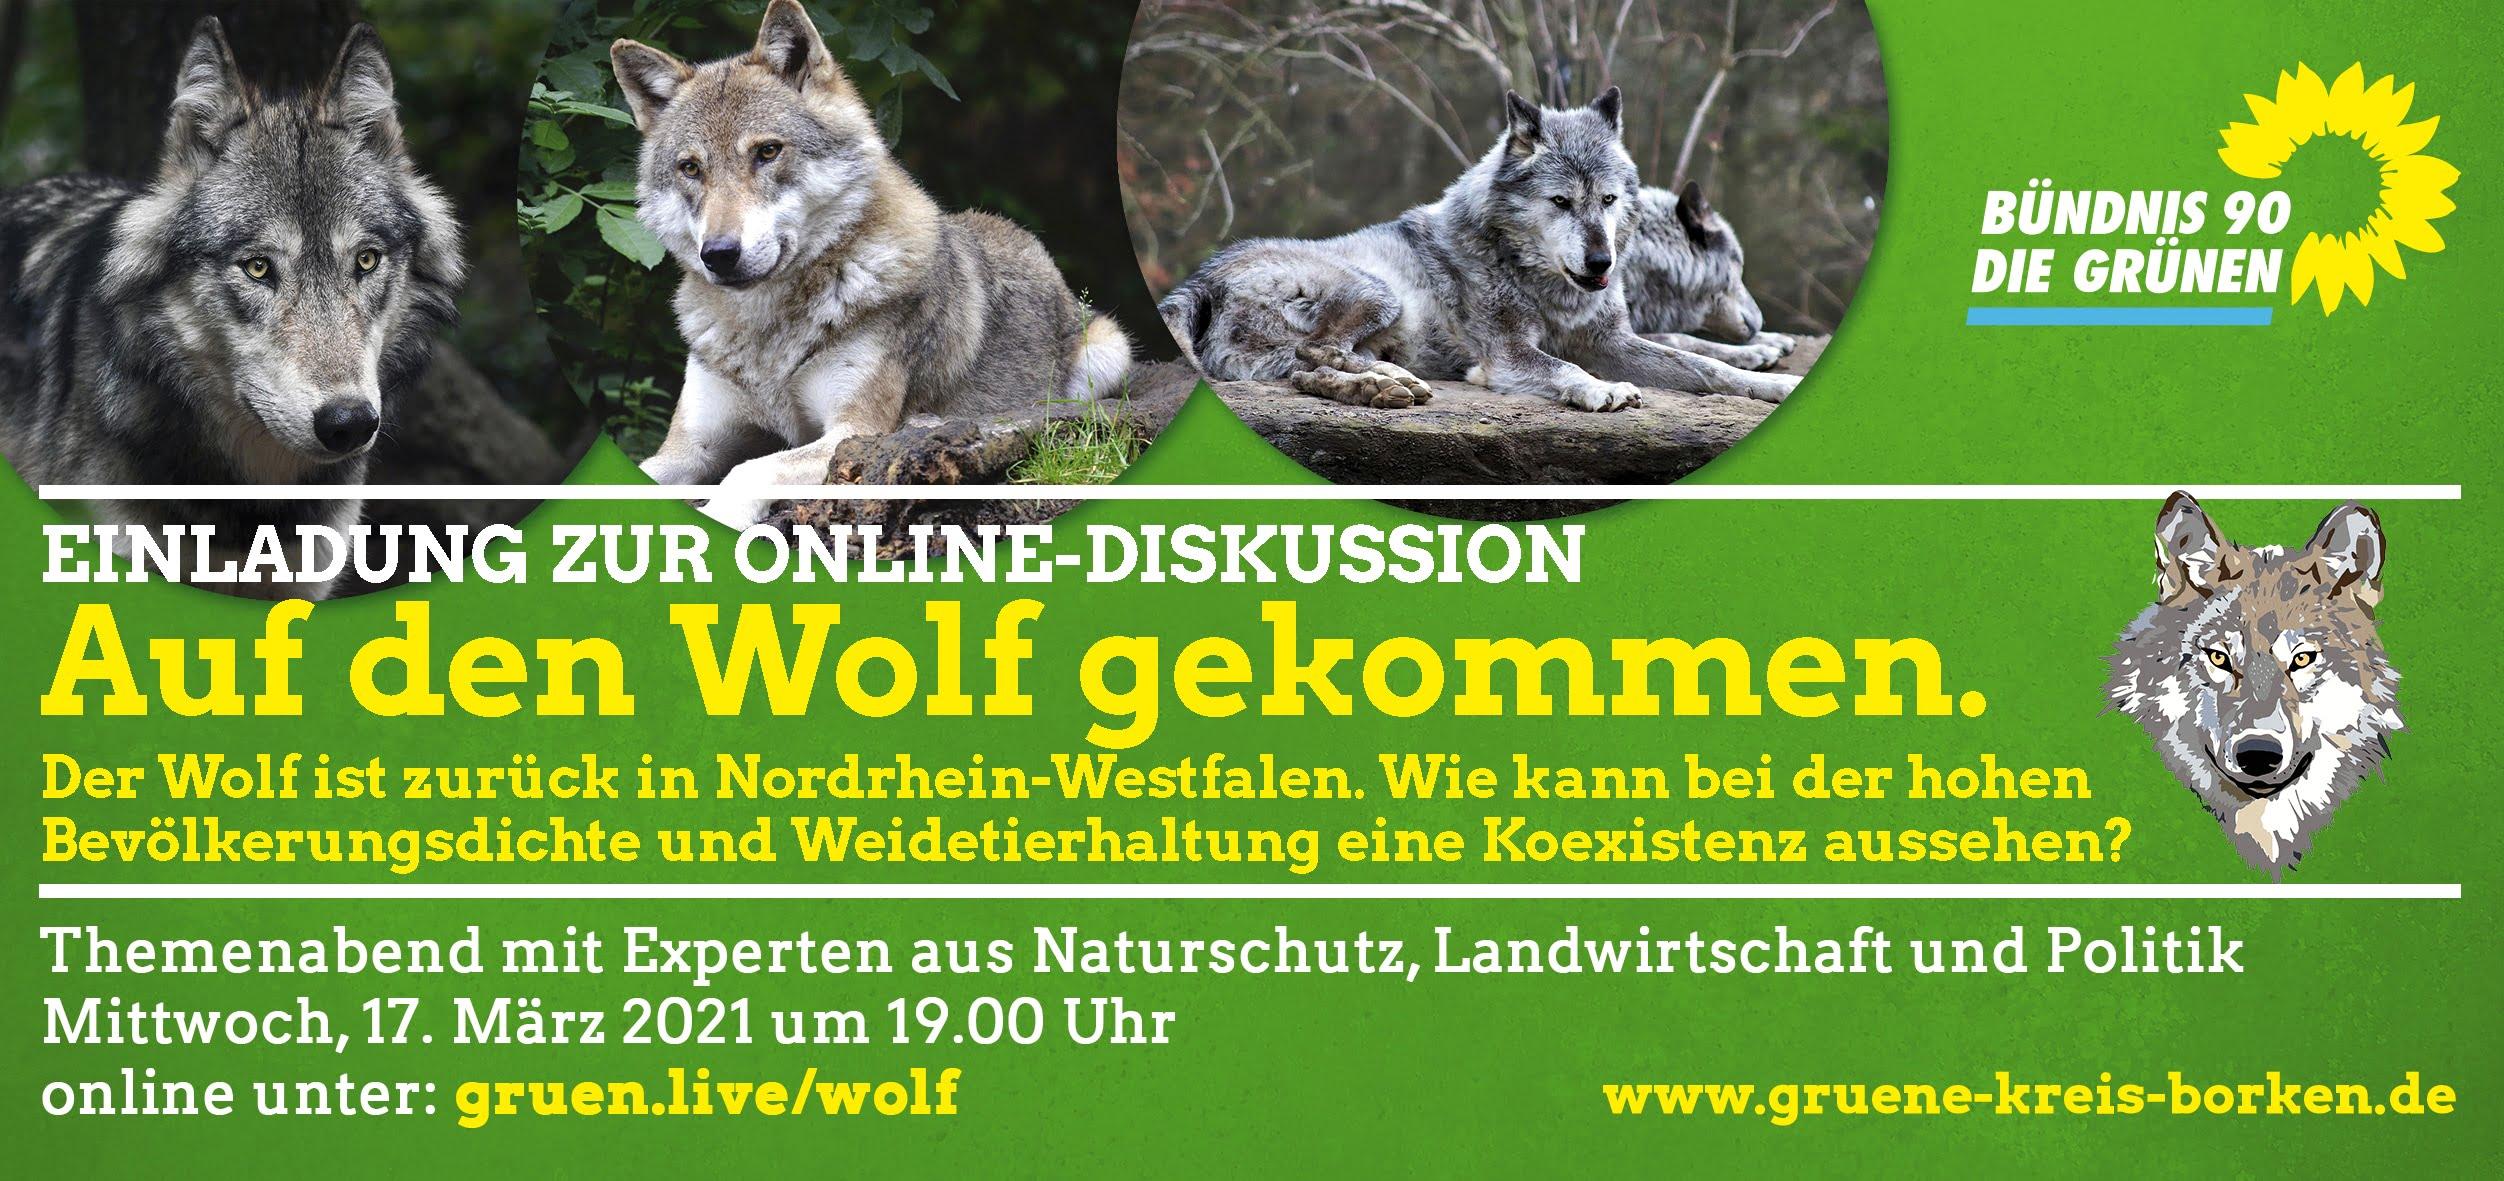 Einladung zur Online-Diskussion: Auf den Wolf gekommen